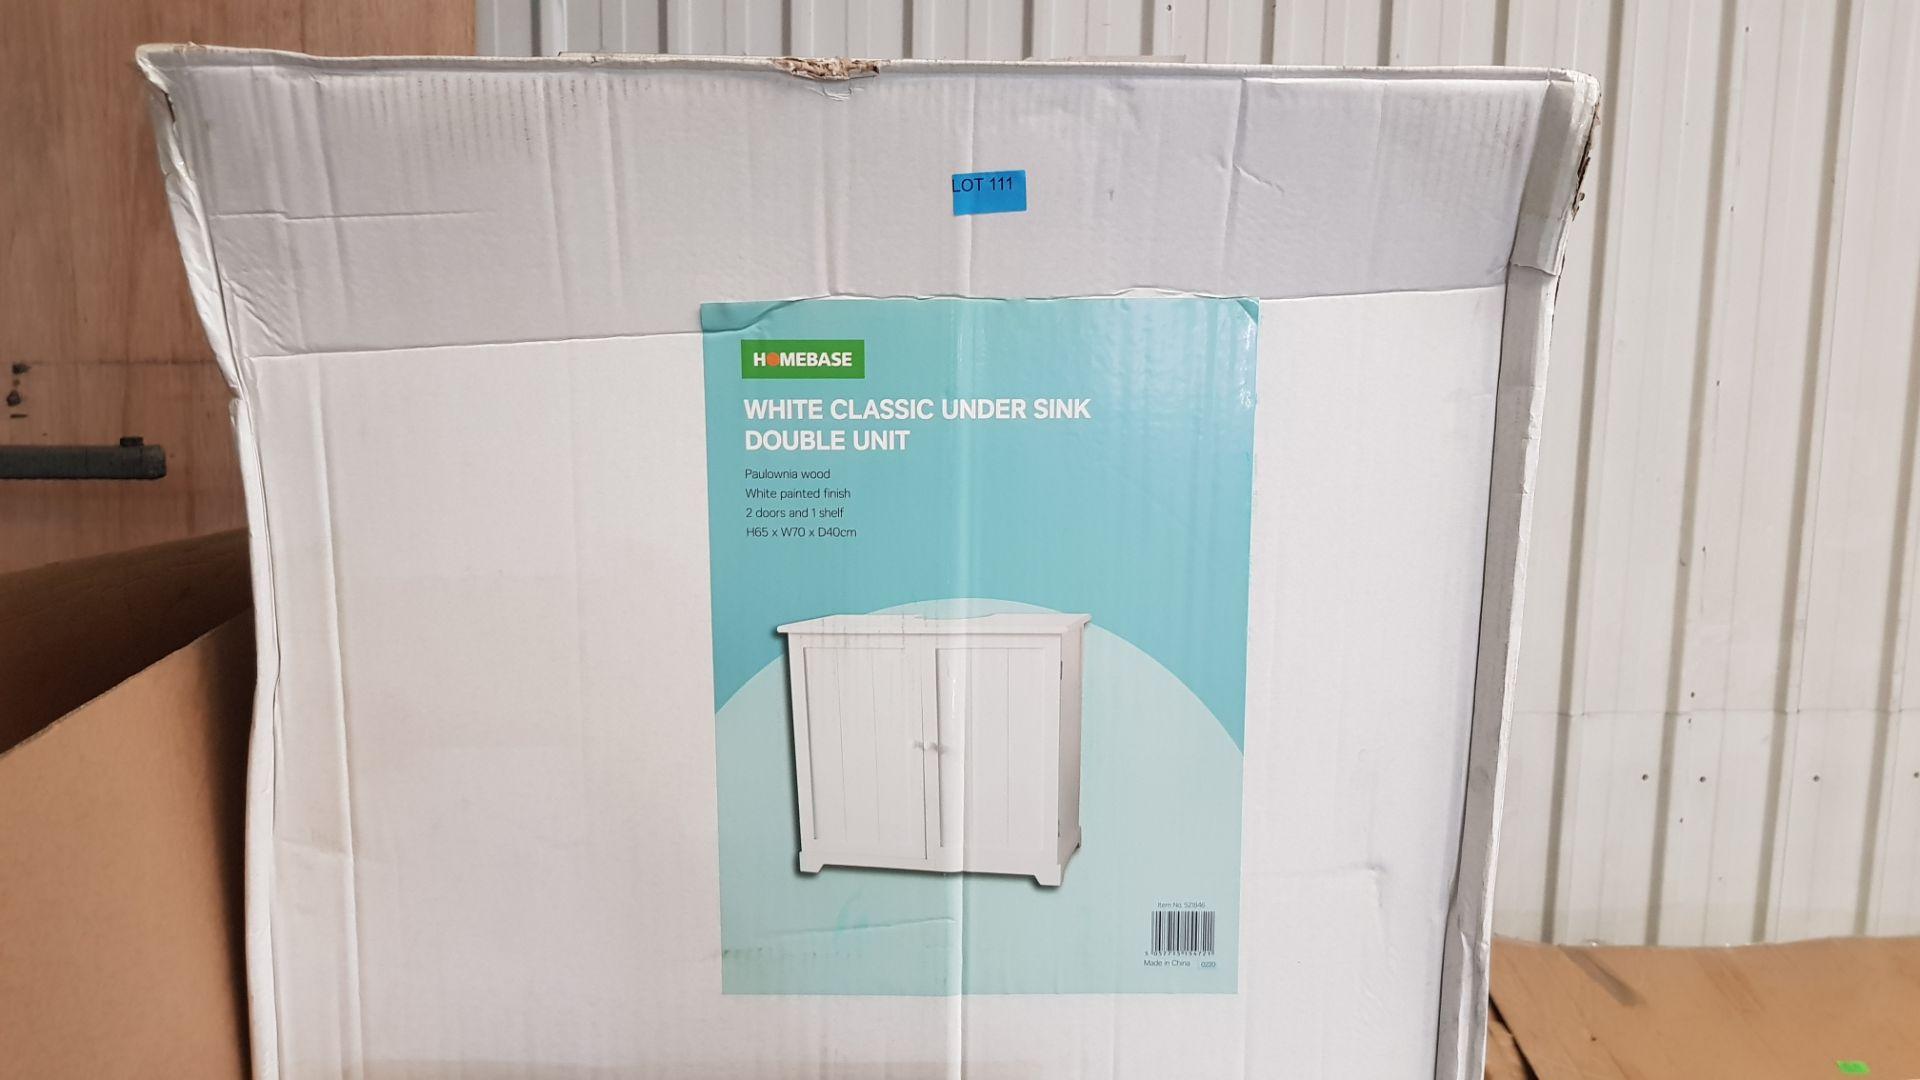 (P3) 1x White Classic Under Sink Double Unit. Paulownia Wood. White Painted Finish. 2 Doors, 1 Shel - Image 3 of 3